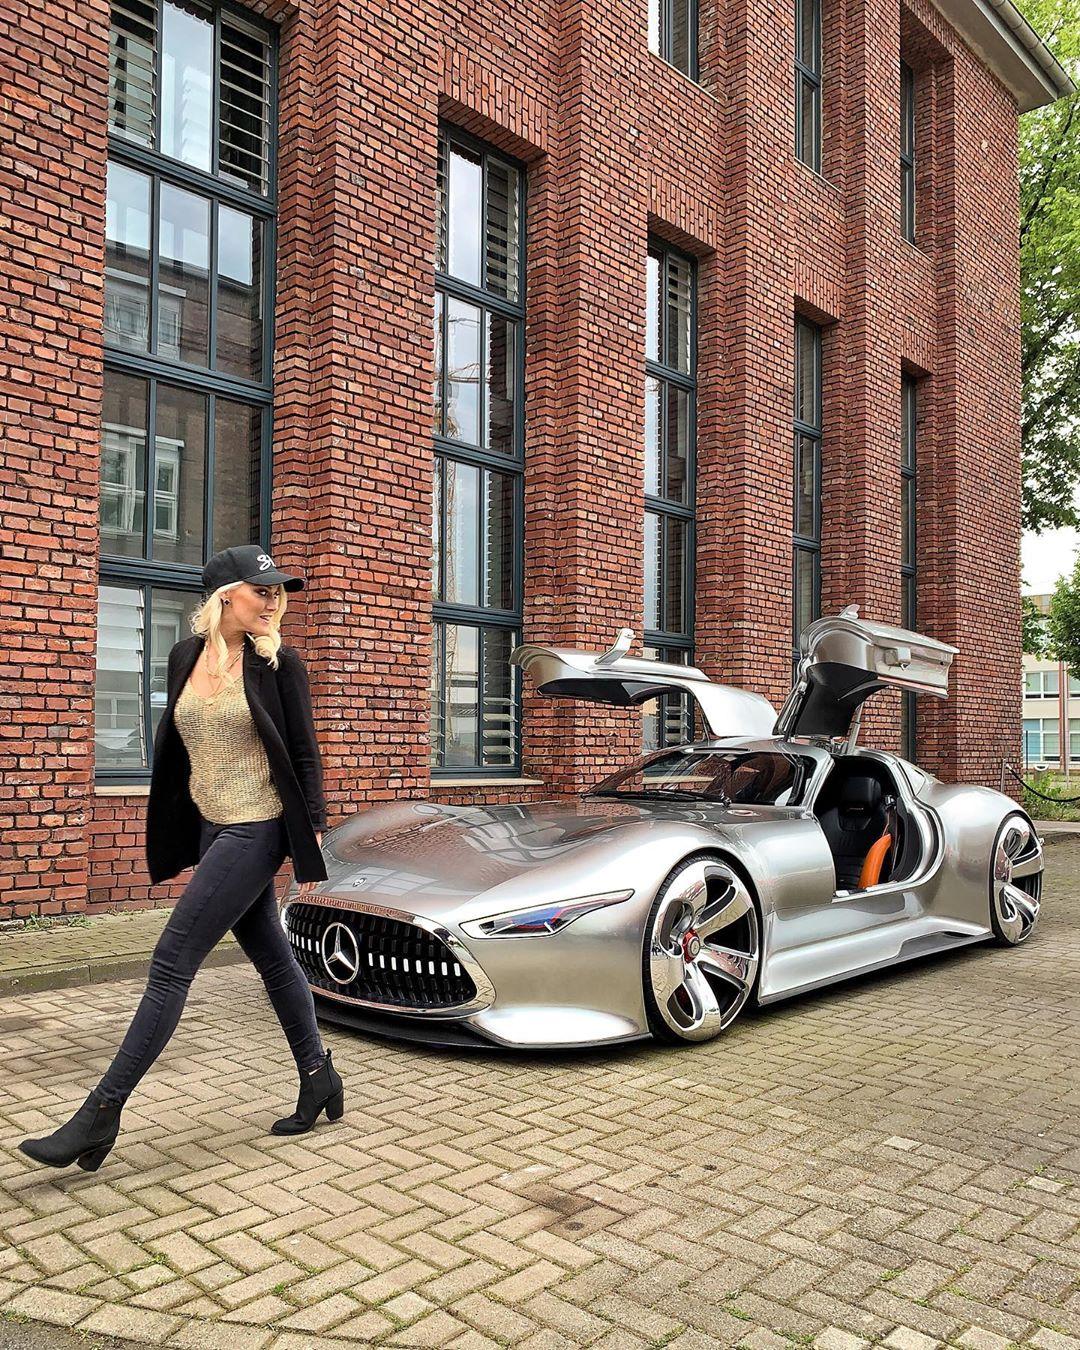 Mercedes Vision Gran Tursim – chiếc xe dành riêng cho Batman trong bộ phim Justice League. Đây là phiên bản duy nhất trên thế giới được Mercedes làm riêng cho bộ phim. Chiếc xe hiện đang được bảo lưu tại Berlin, Đức. Ảnh: @supercarblondie